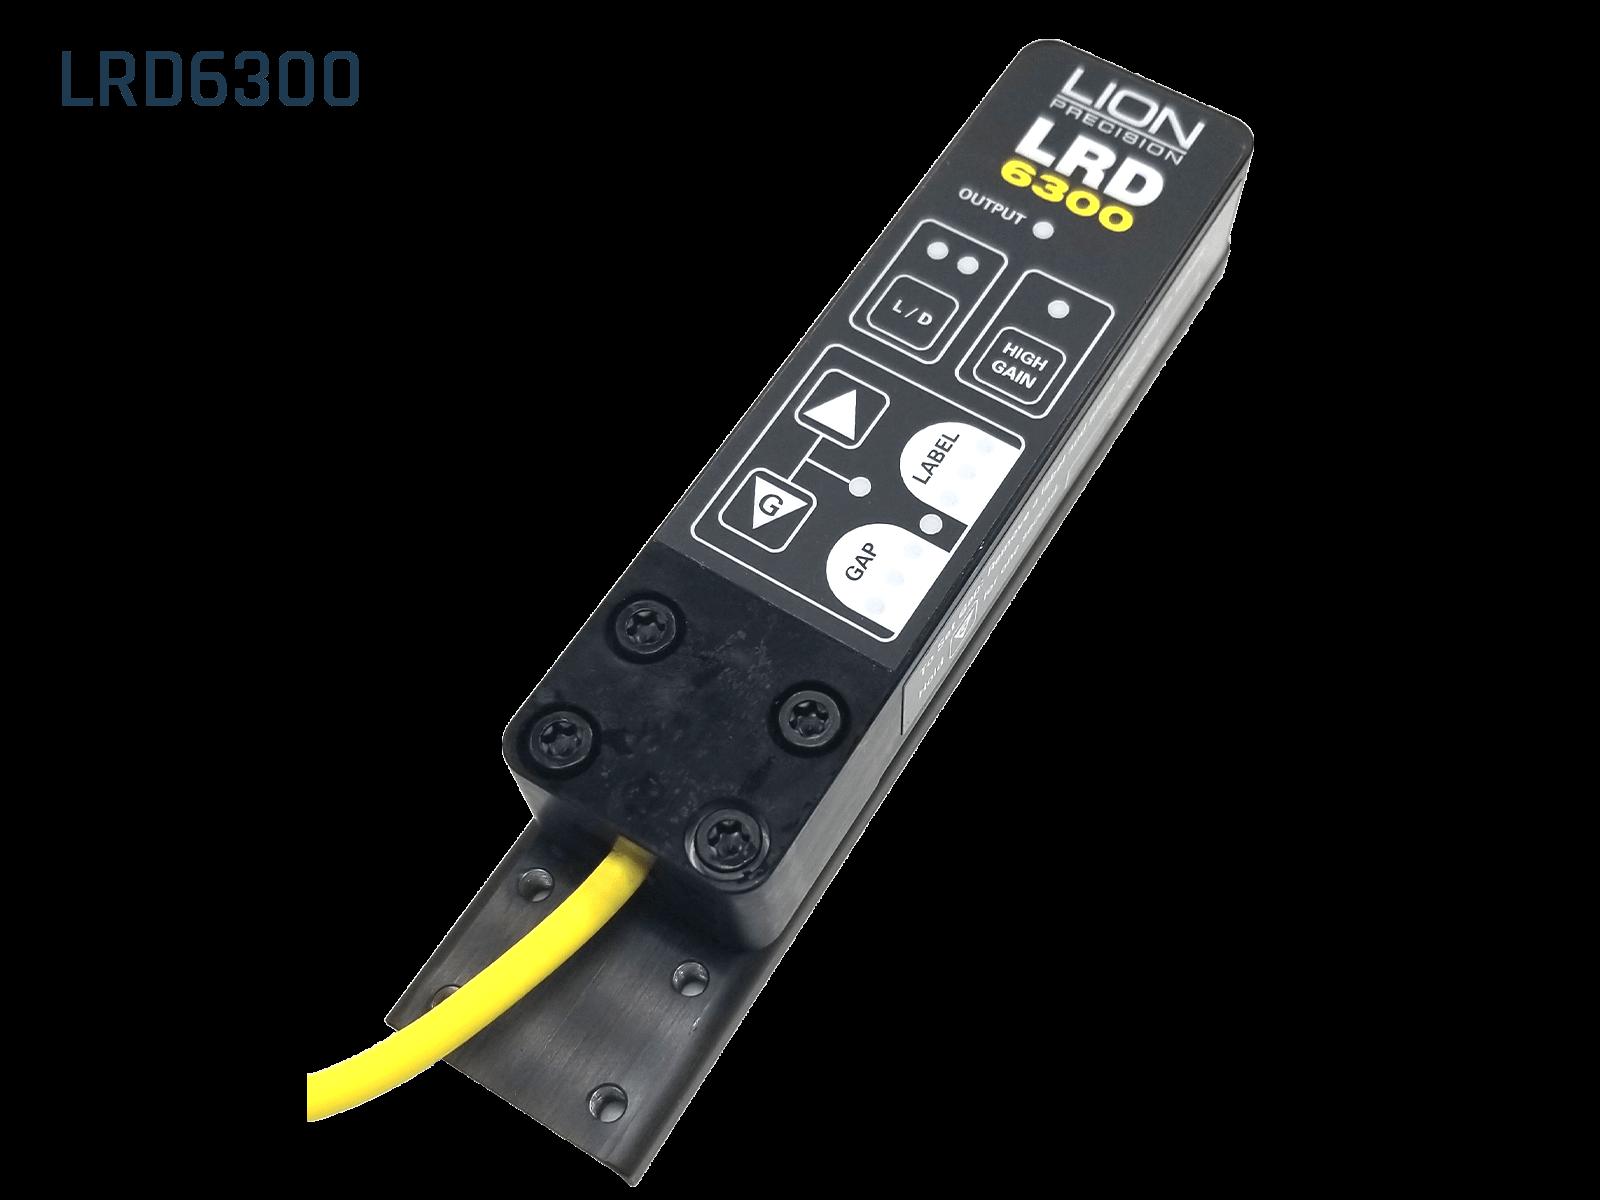 LRD6300